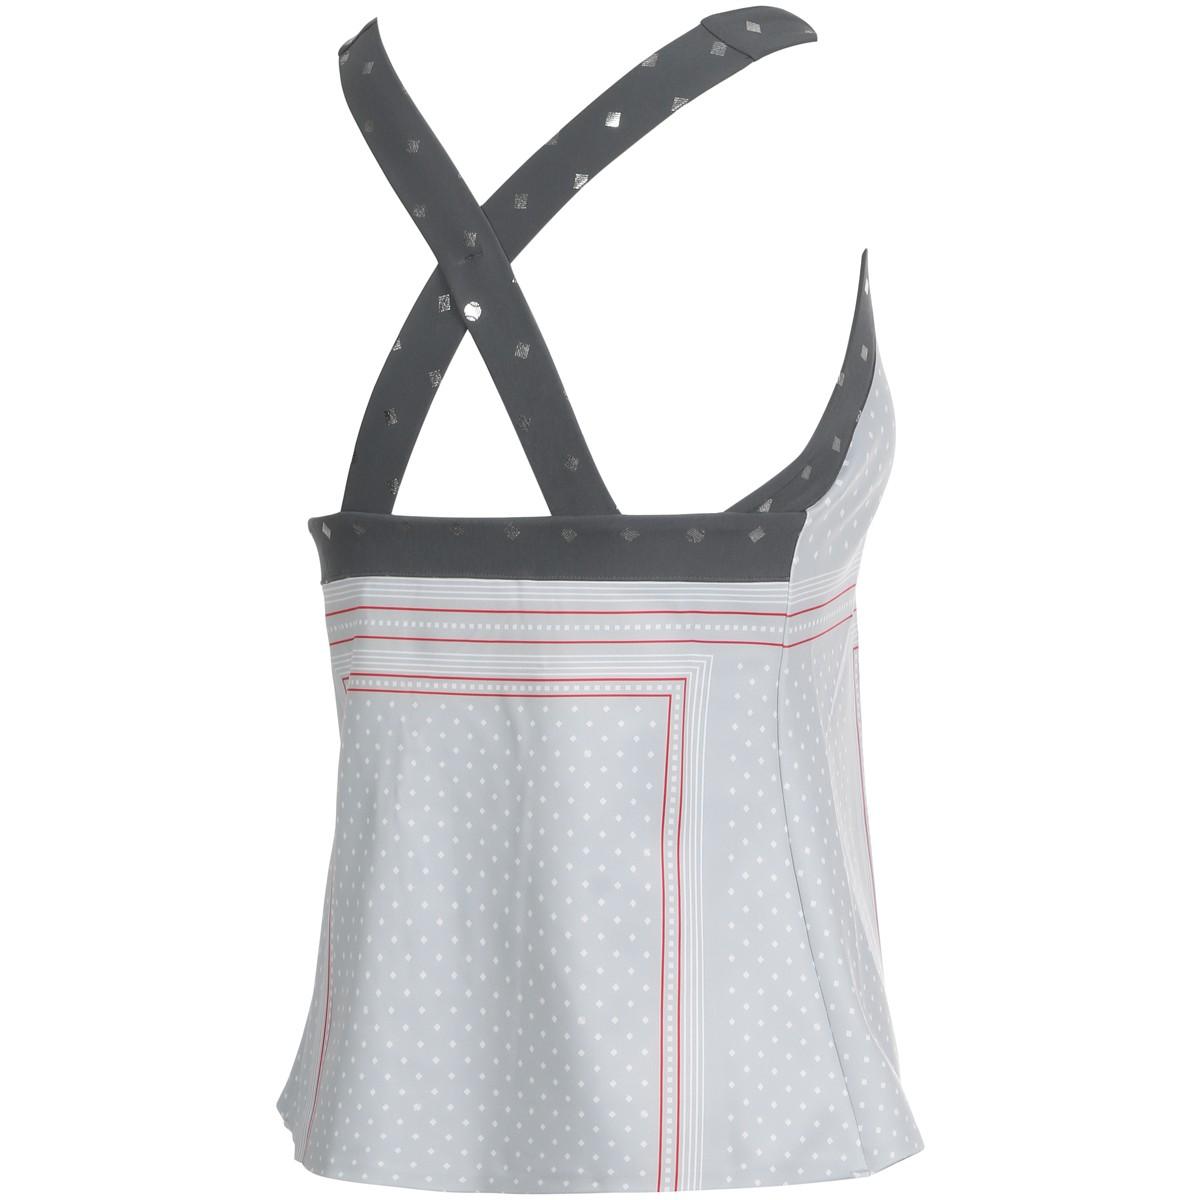 Débardeur New Balance Femme US Open Gris - Debardeur - Tennis Achat